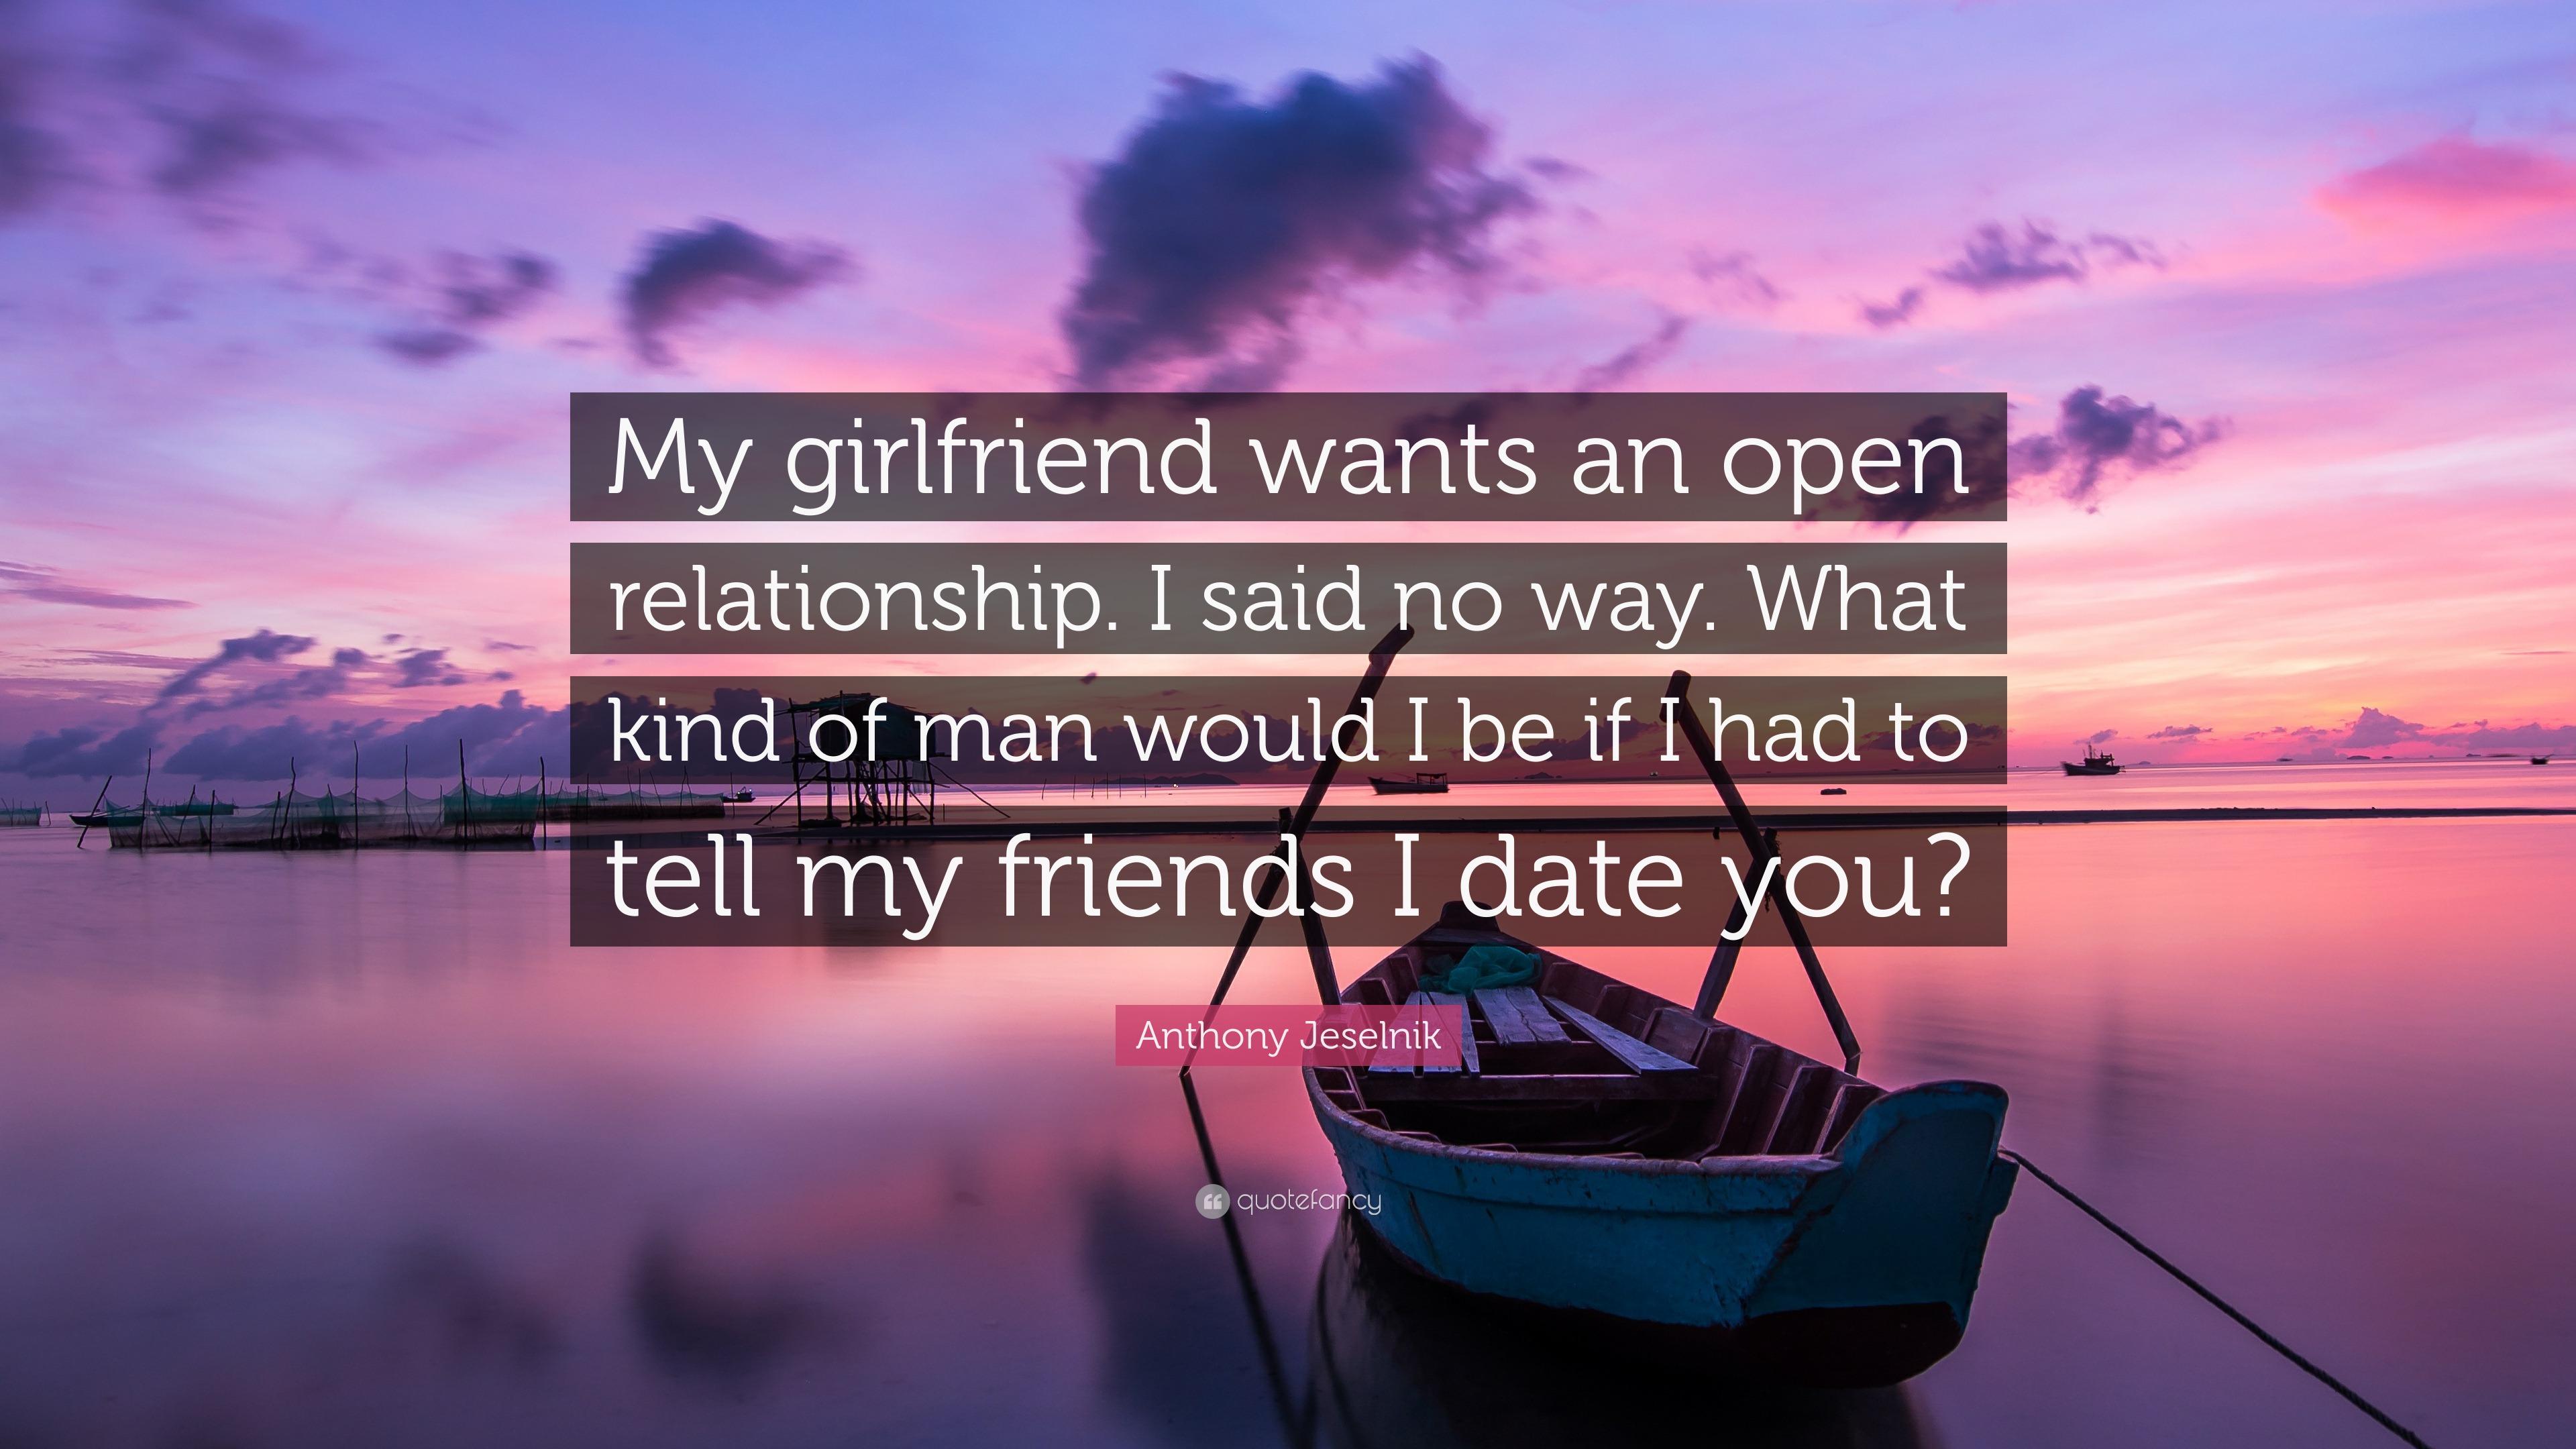 My girlfriend wants an open relationship